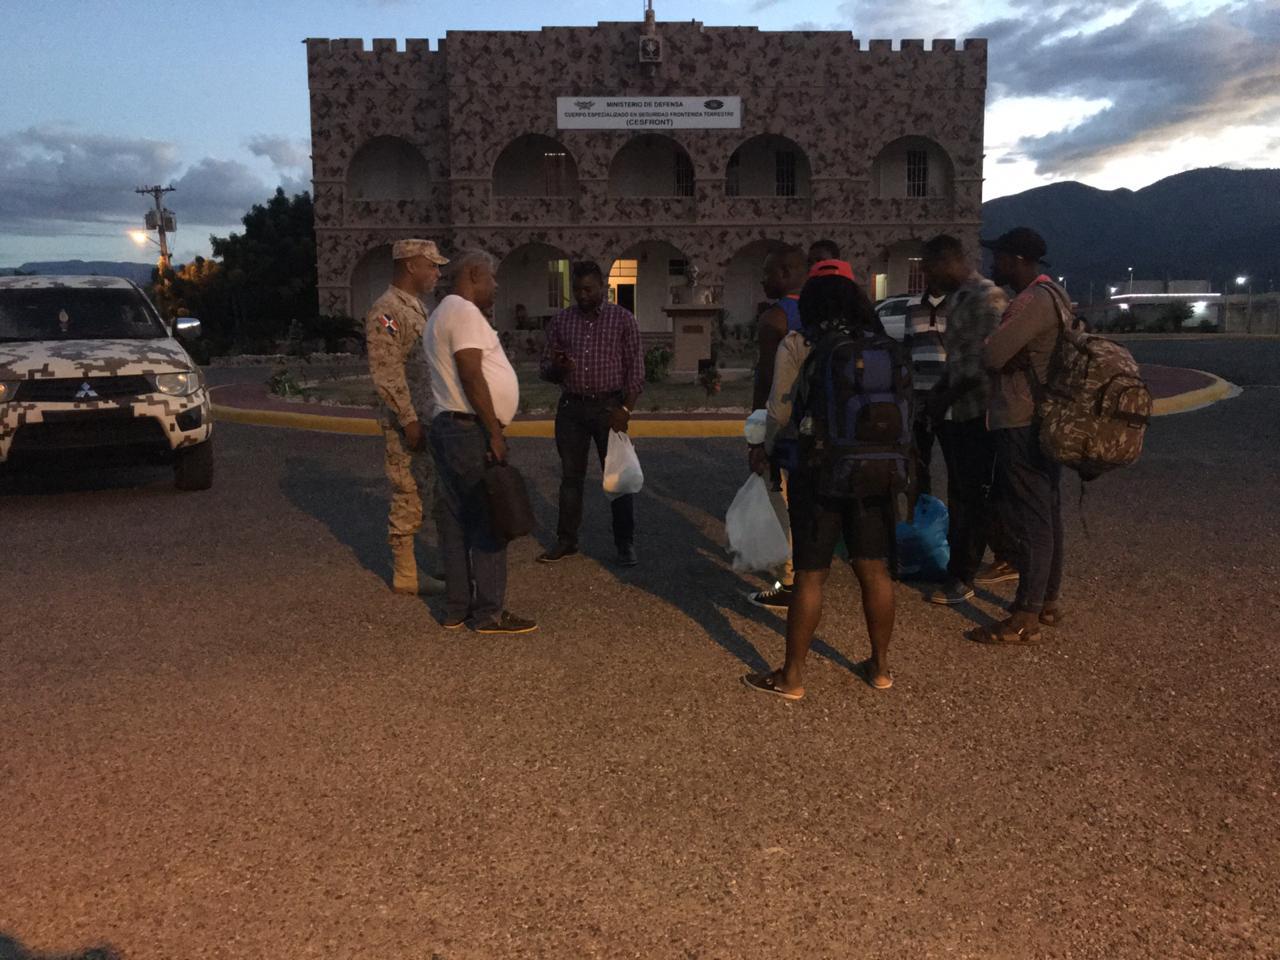 CESFRONT da asistencia a policías haitianos que escaparon tras incendio de cuartel en Anse-A-Pitre